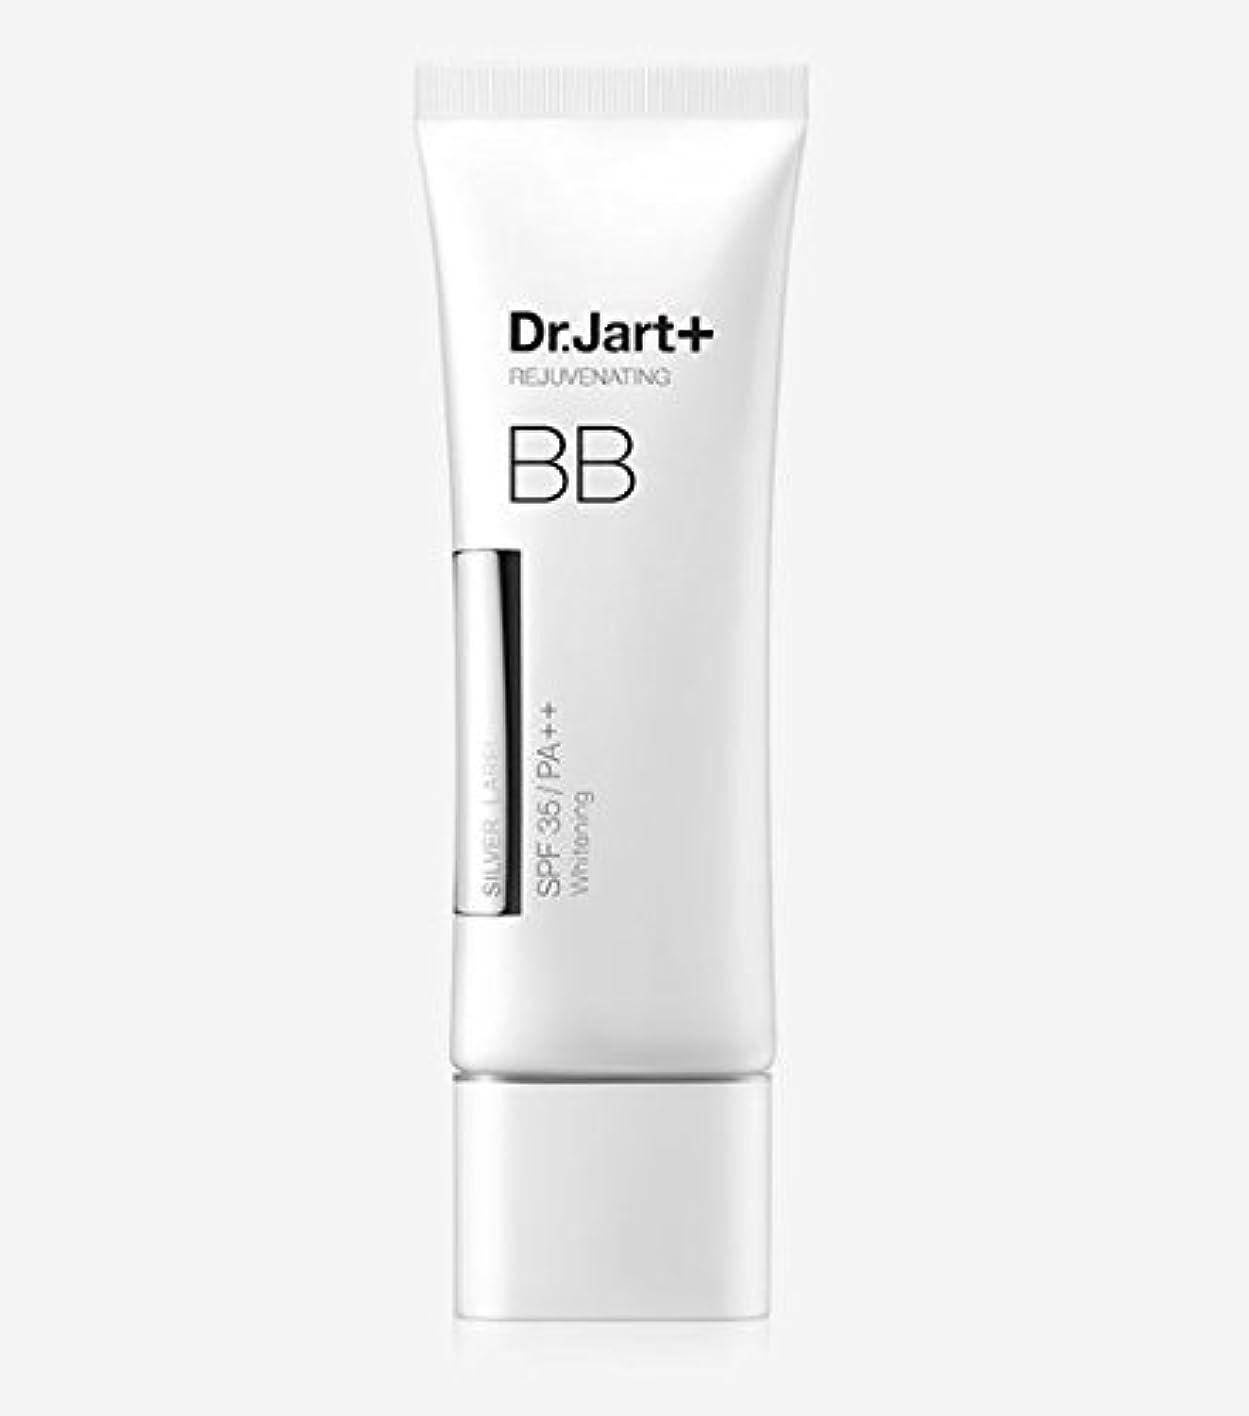 パターンモニターレース[Dr. Jart] Silver Label BB Rejuvenating Beauty Balm 50ml SPF35 PA++/[ドクタージャルト] シルバーラベル BB リジュビネイティング ビューティー バーム...